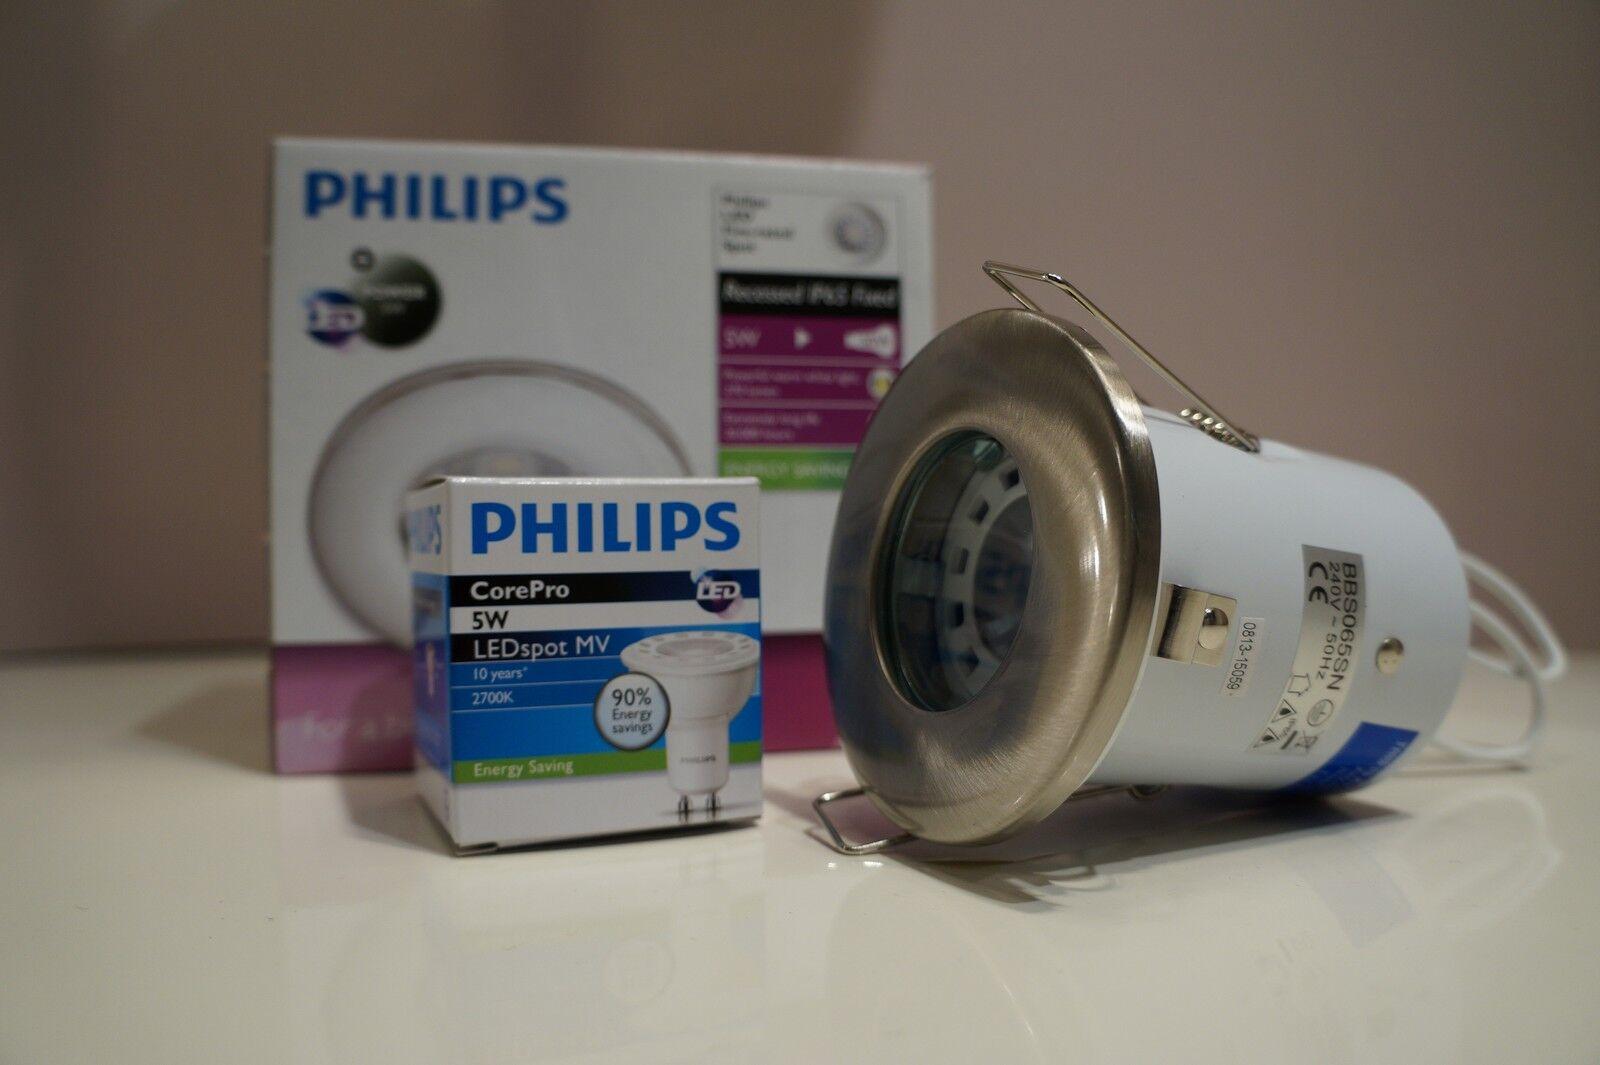 Salle de bain downlight IP65 feu nominale downlight bain encastré avec 5 W LED Spotlight ou halogène 5c8c88